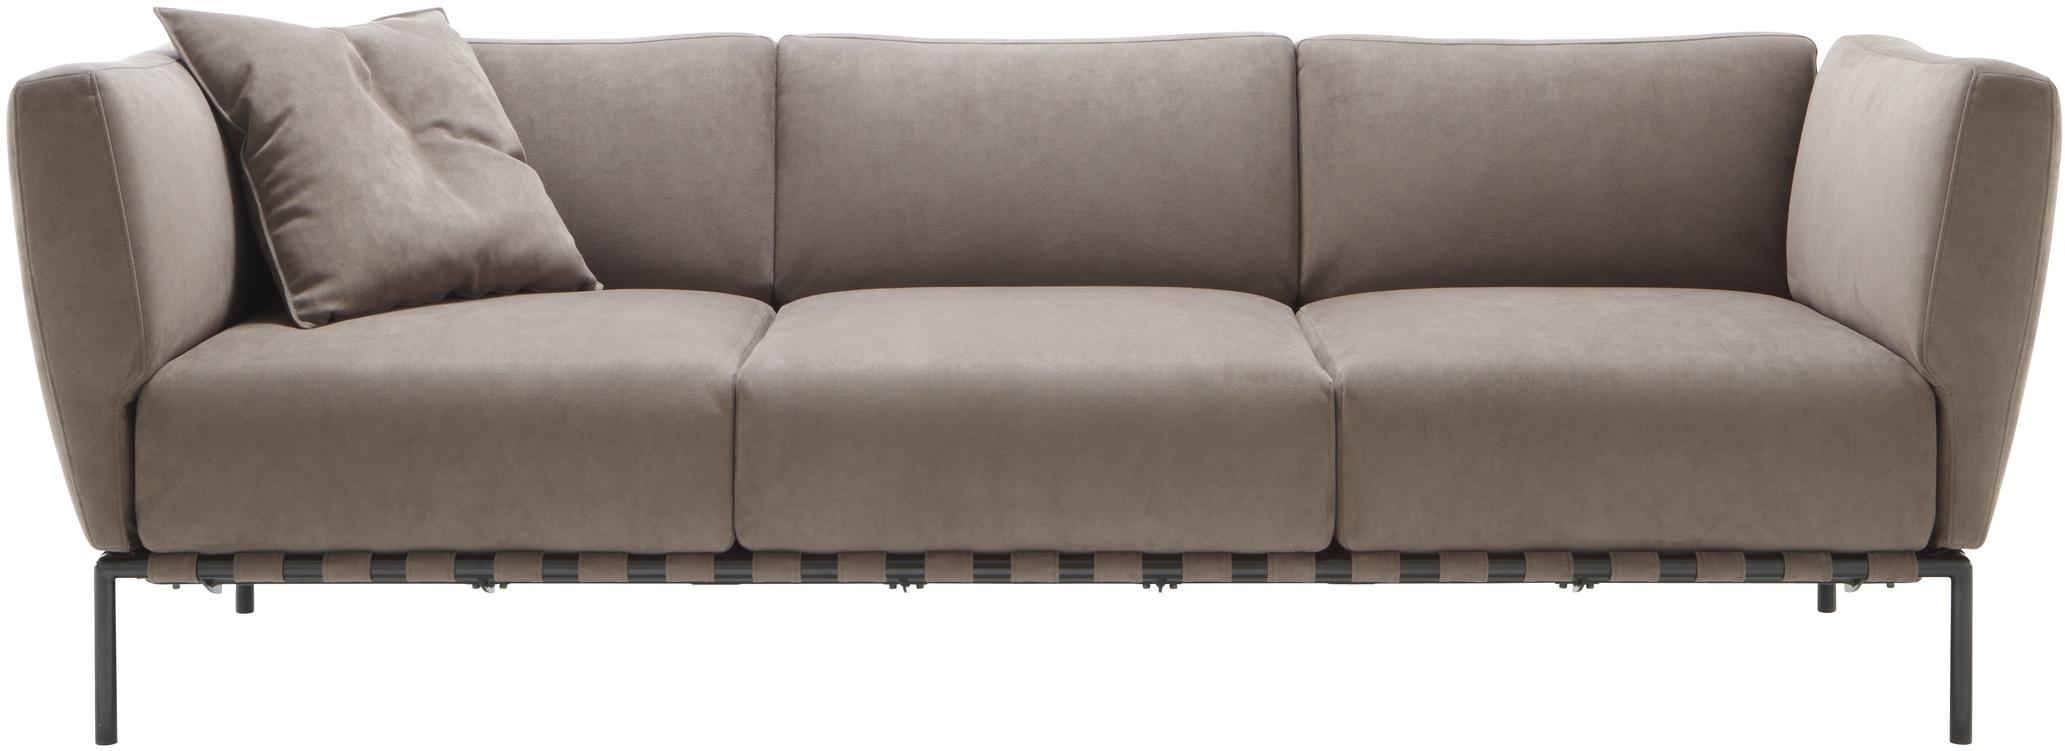 ted sofas designer peter maly ligne roset